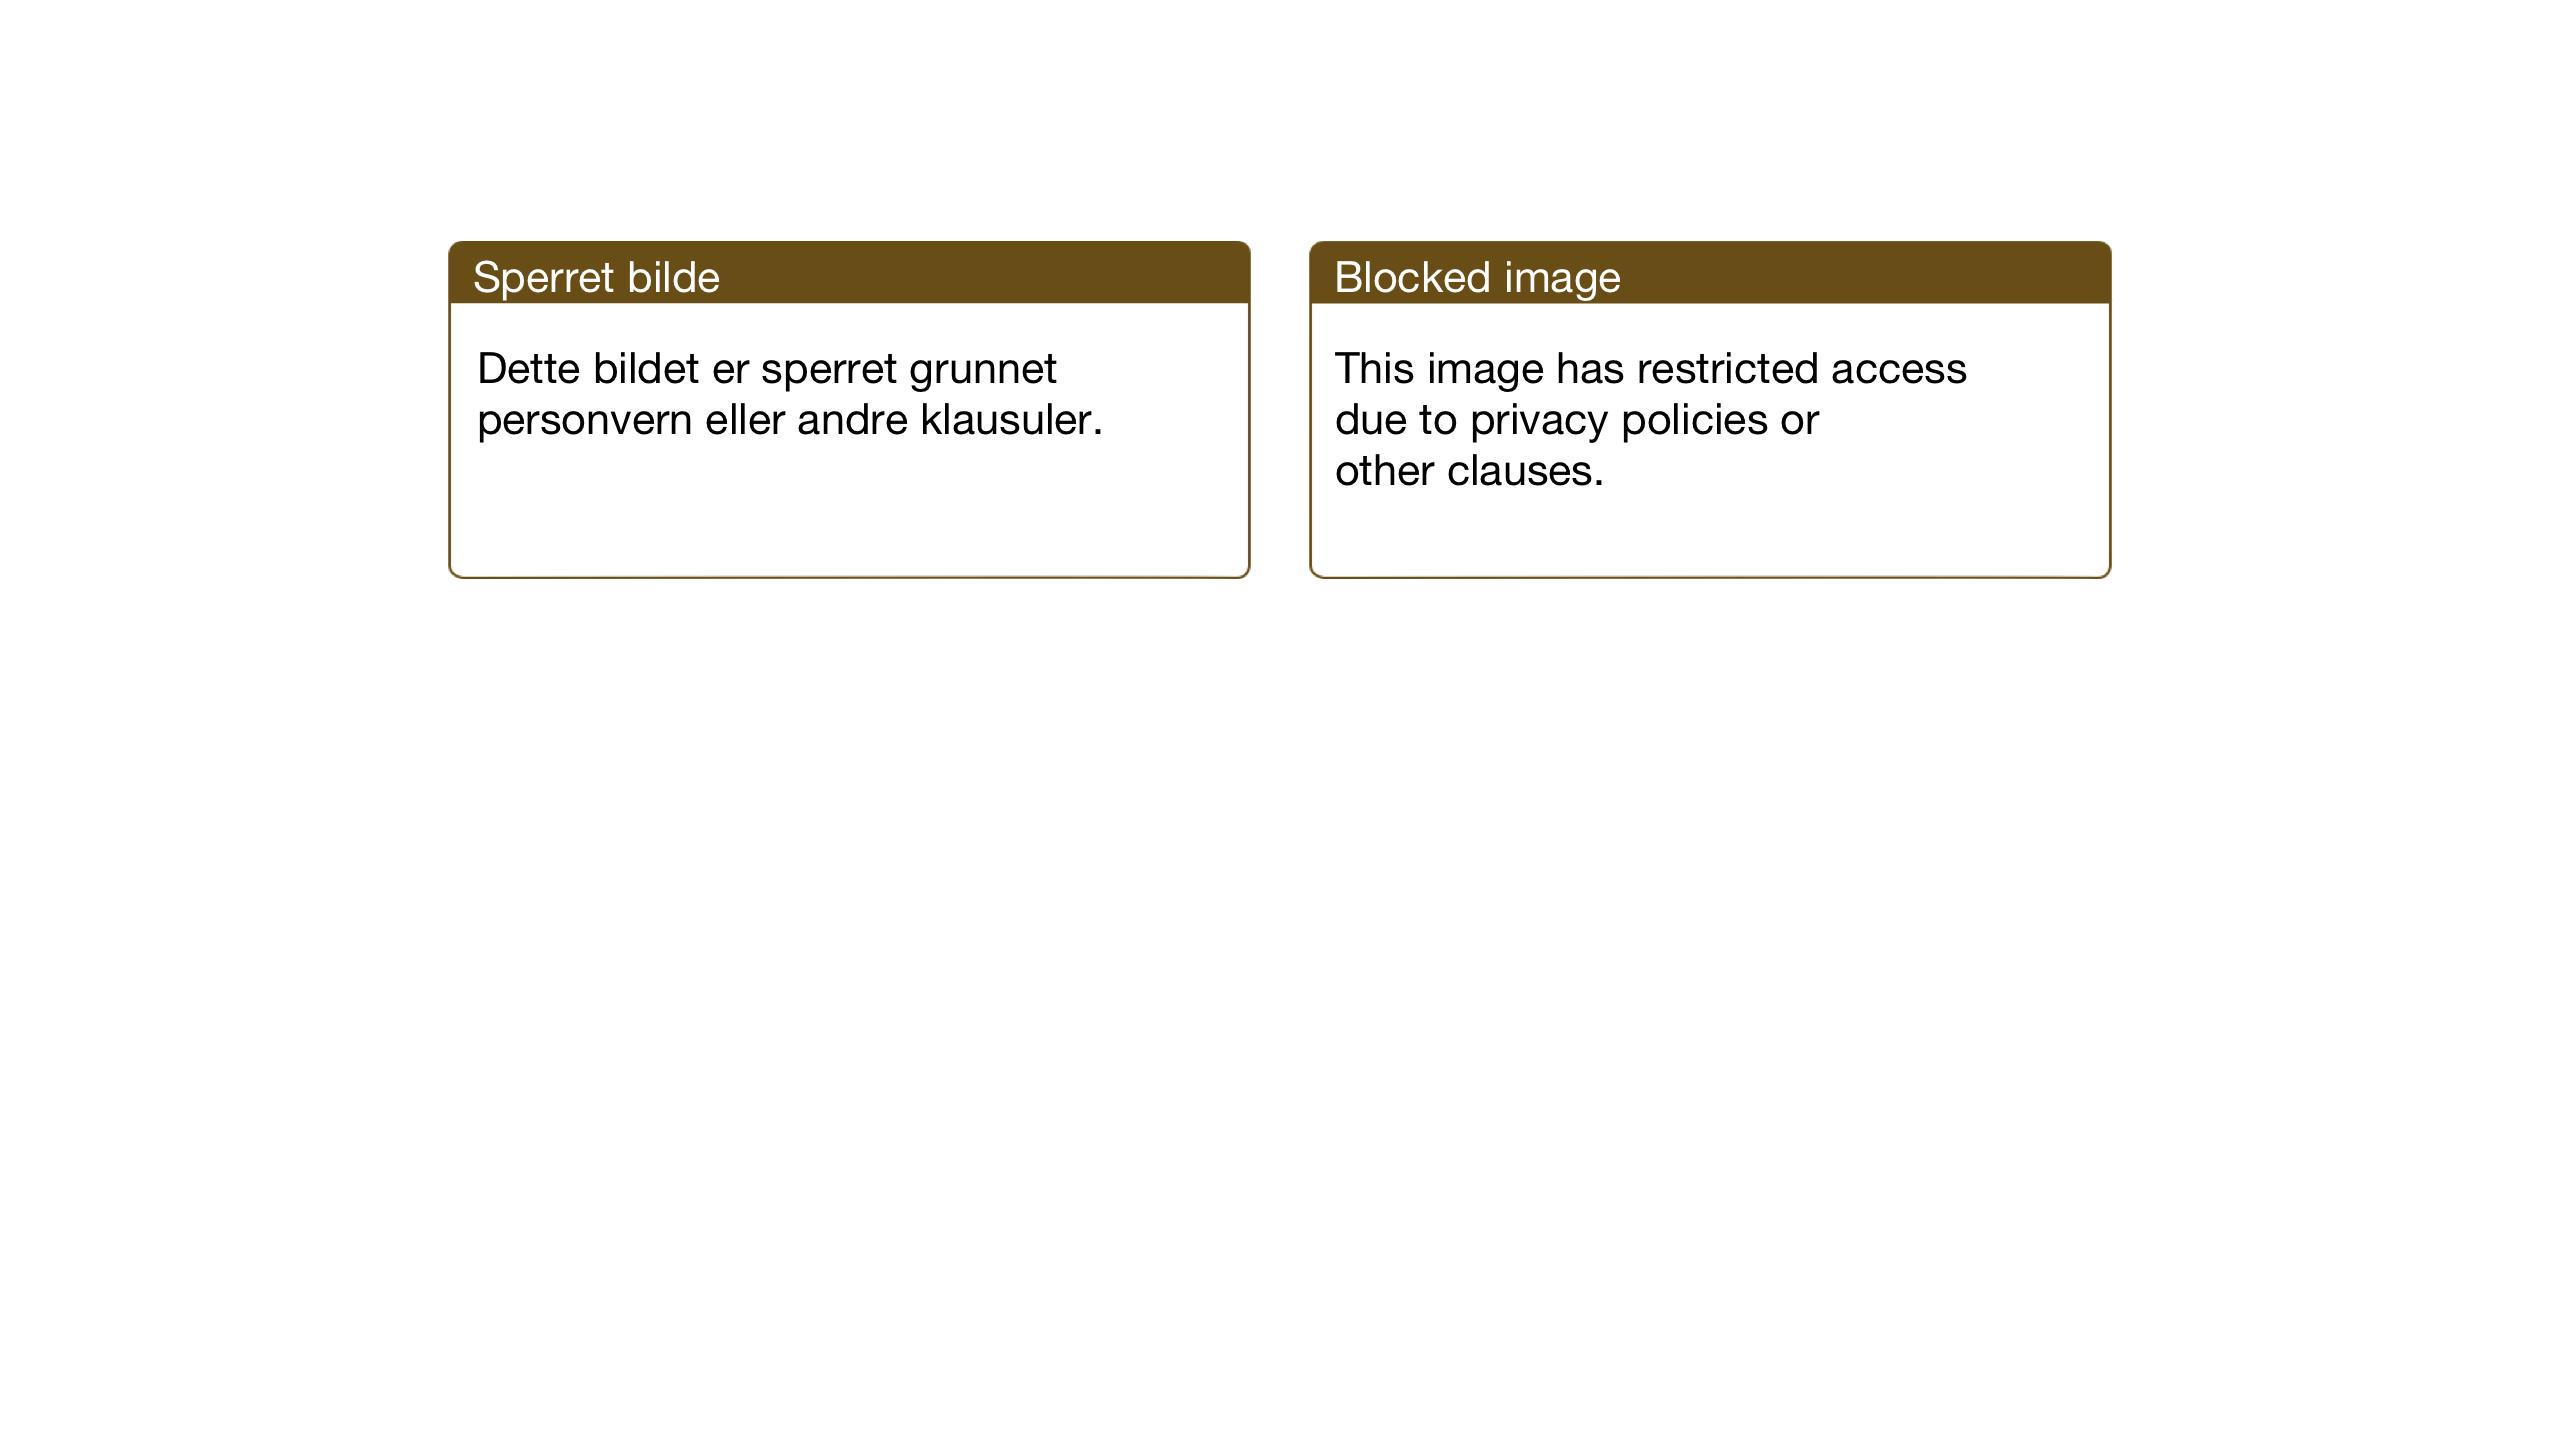 SAT, Ministerialprotokoller, klokkerbøker og fødselsregistre - Sør-Trøndelag, 638/L0569: Klokkerbok nr. 638C01, 1923-1961, s. 102